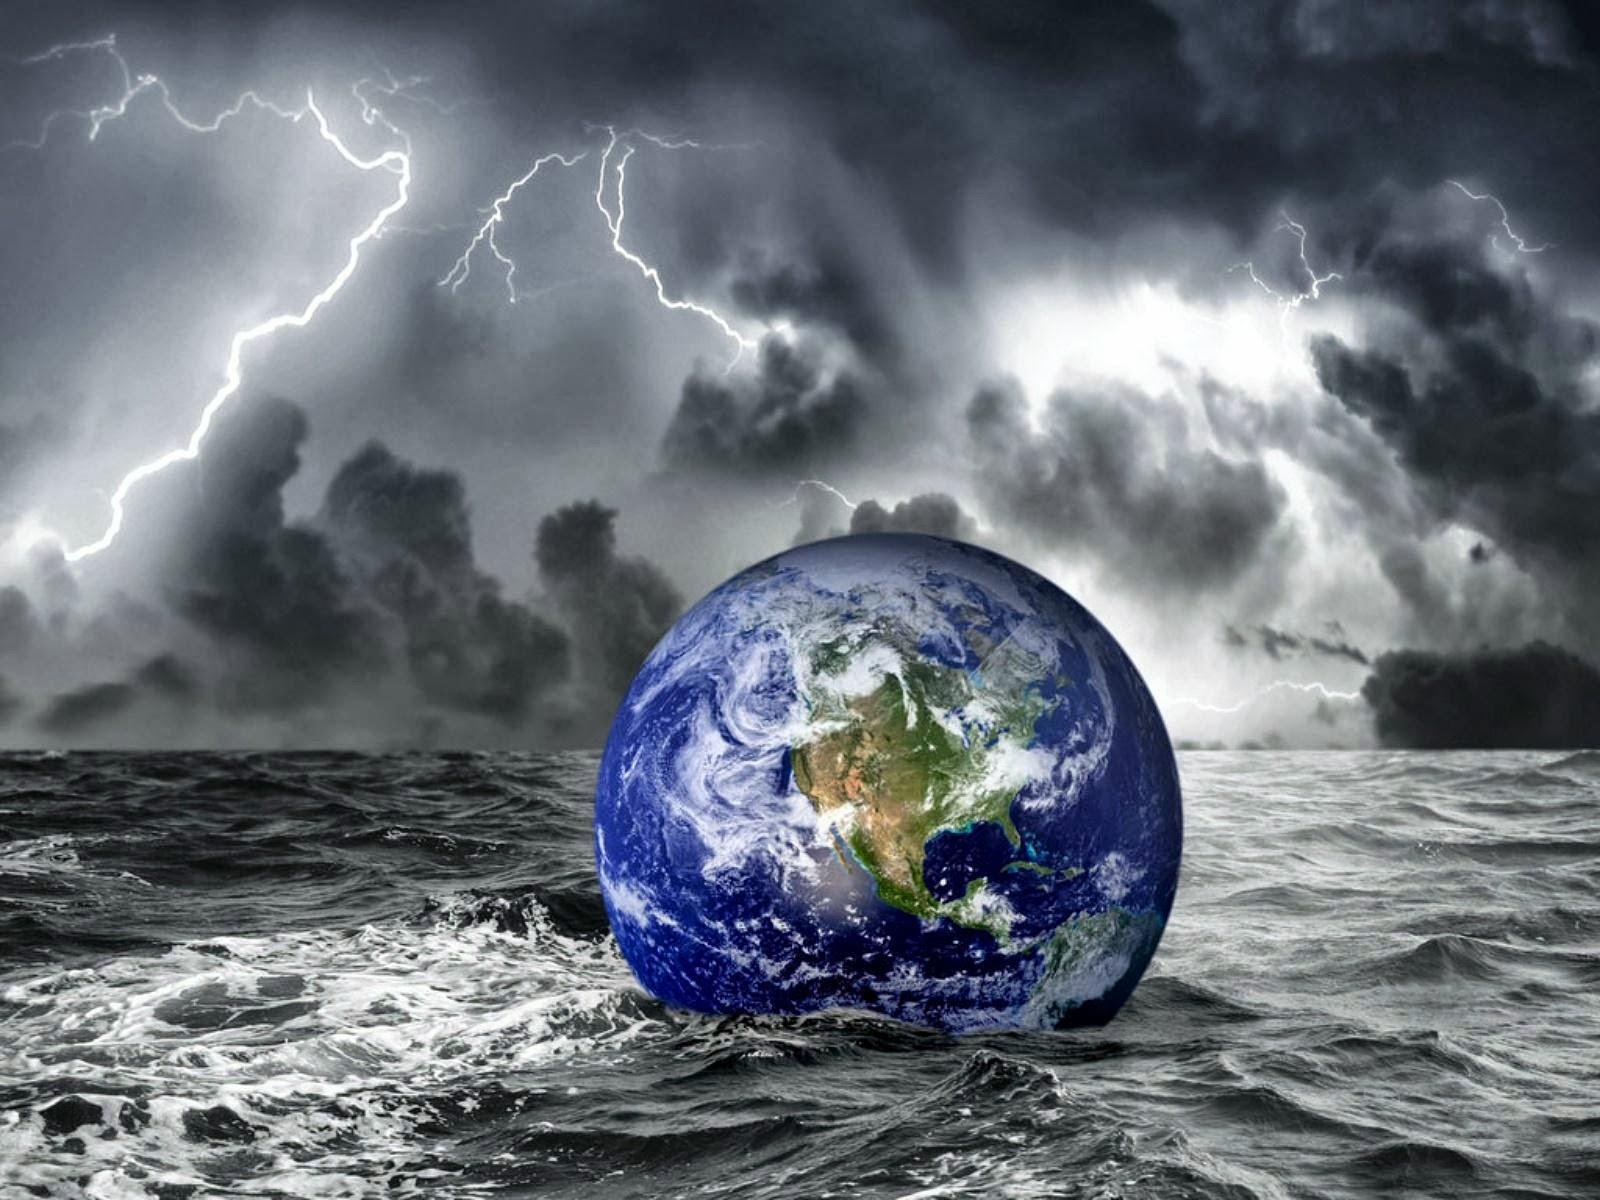 Imágenes Hilandy: Fondo de Pantalla Abstracto planeta tierra en el mar